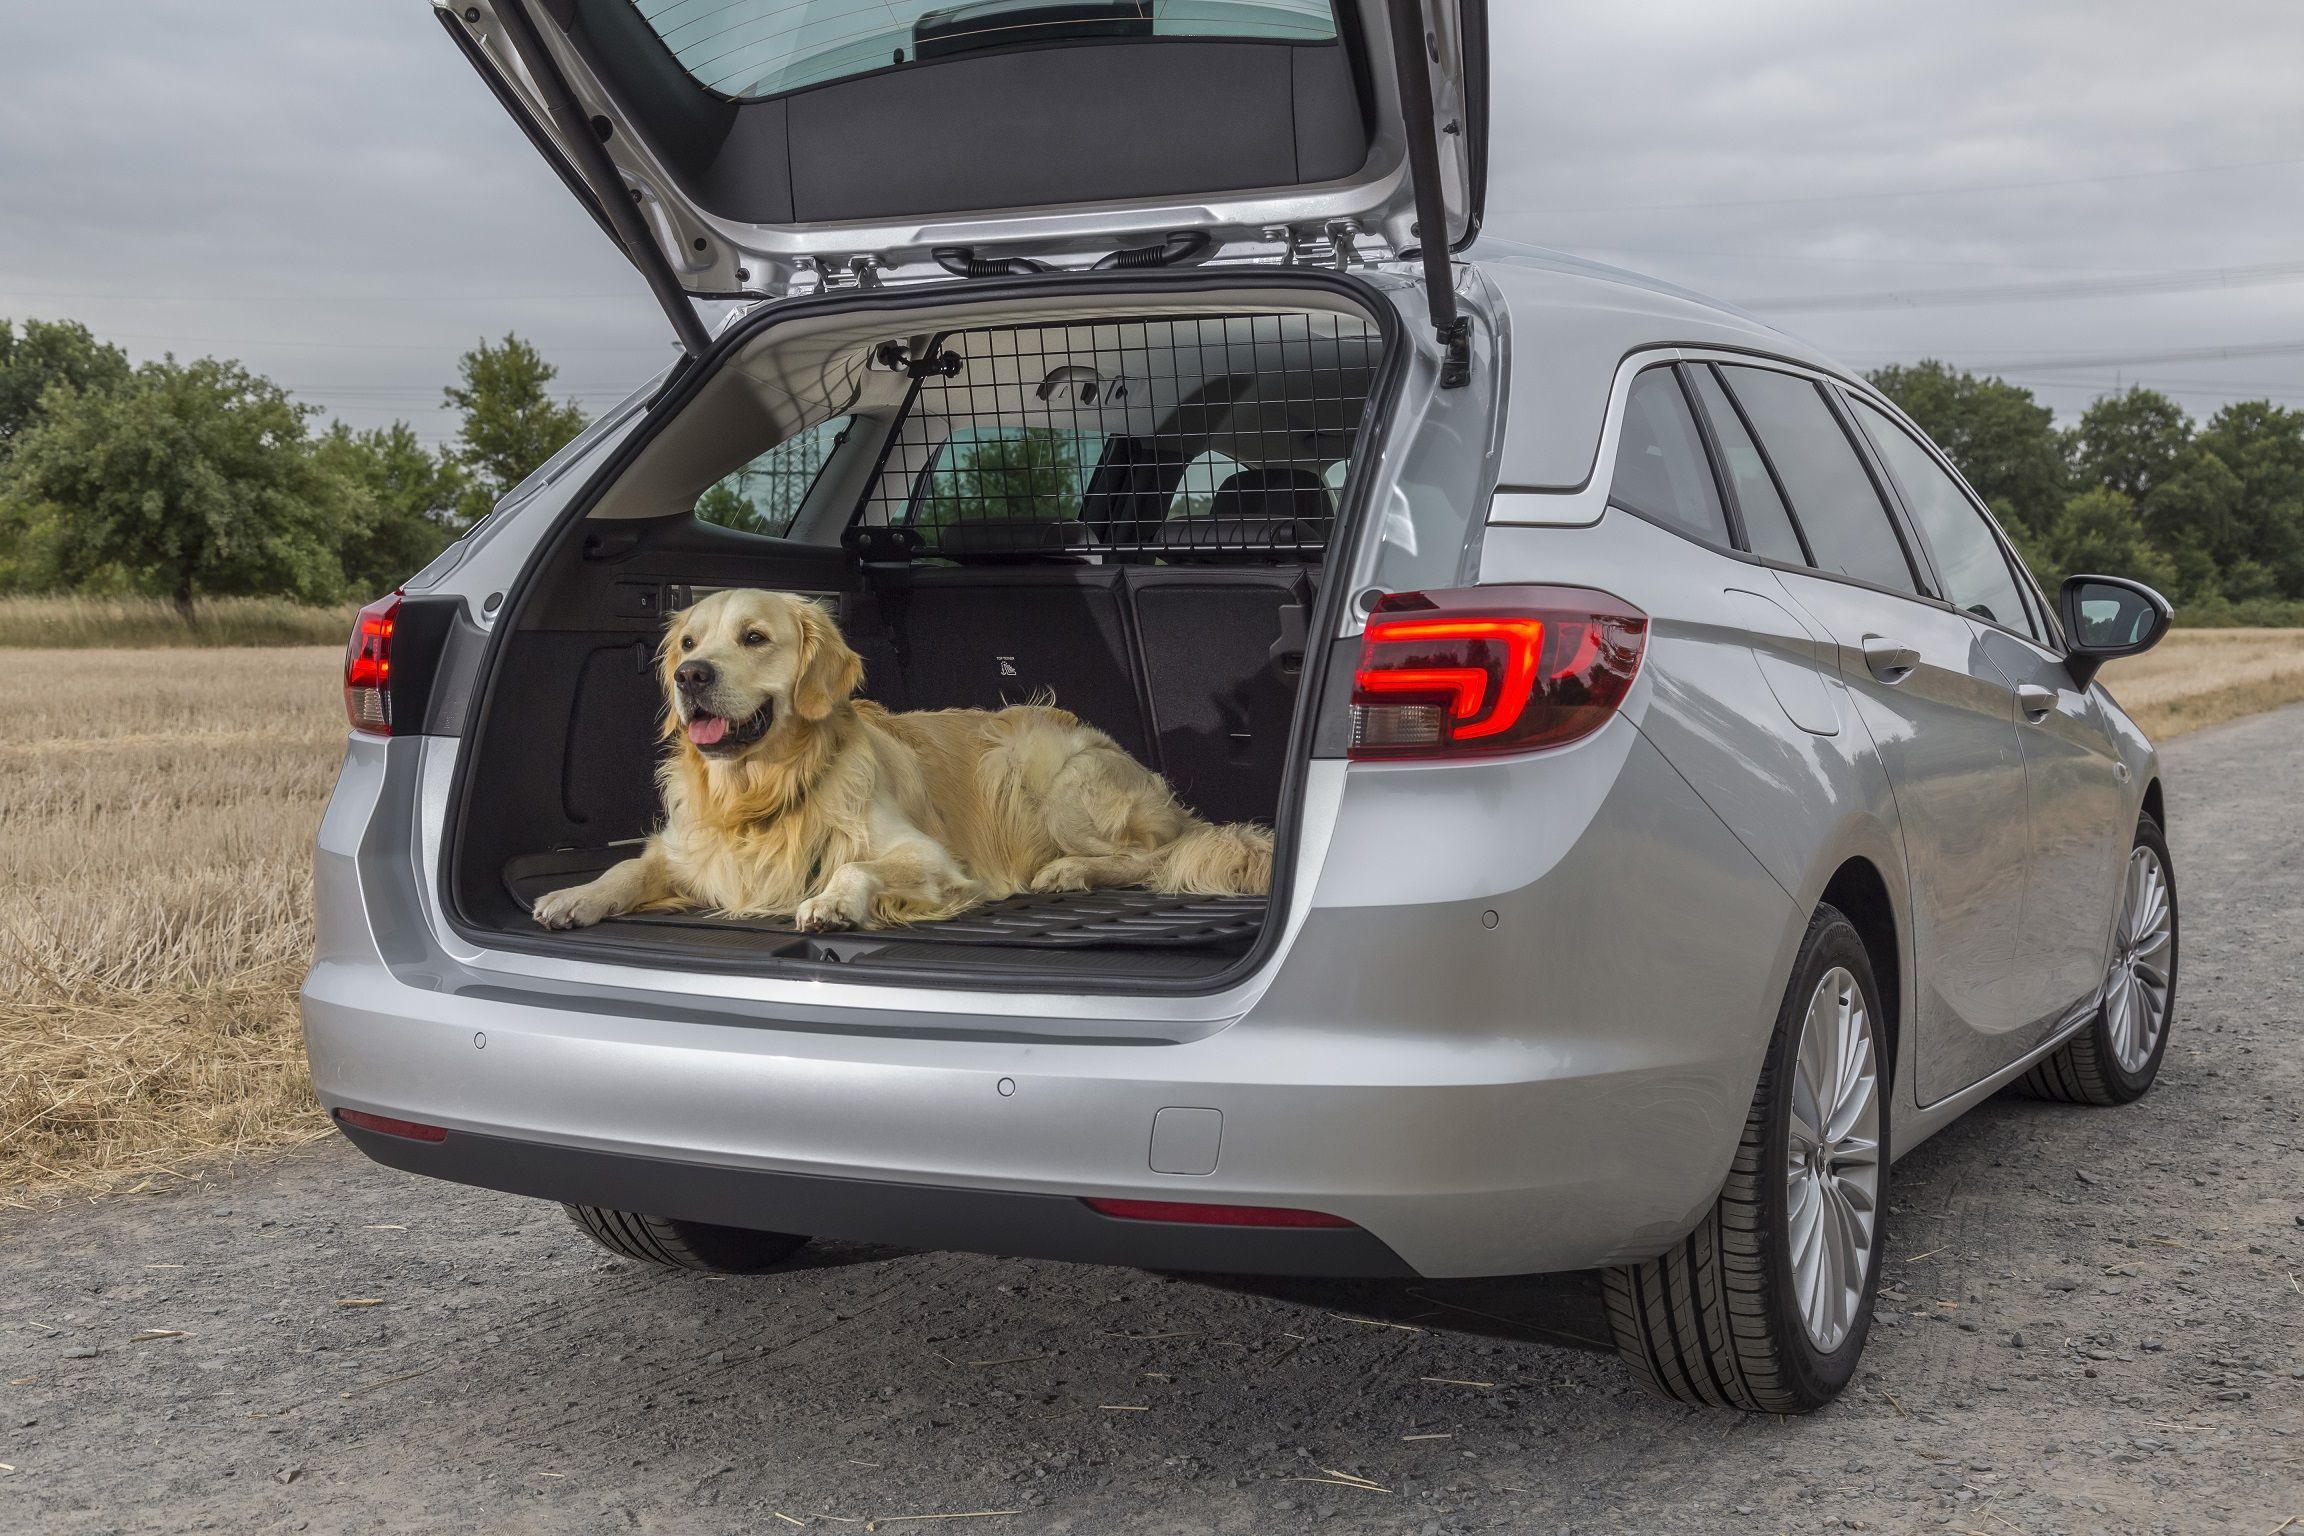 Viaja sin preocupaciones con Opel Astra y sus Accesorios Inteligentes